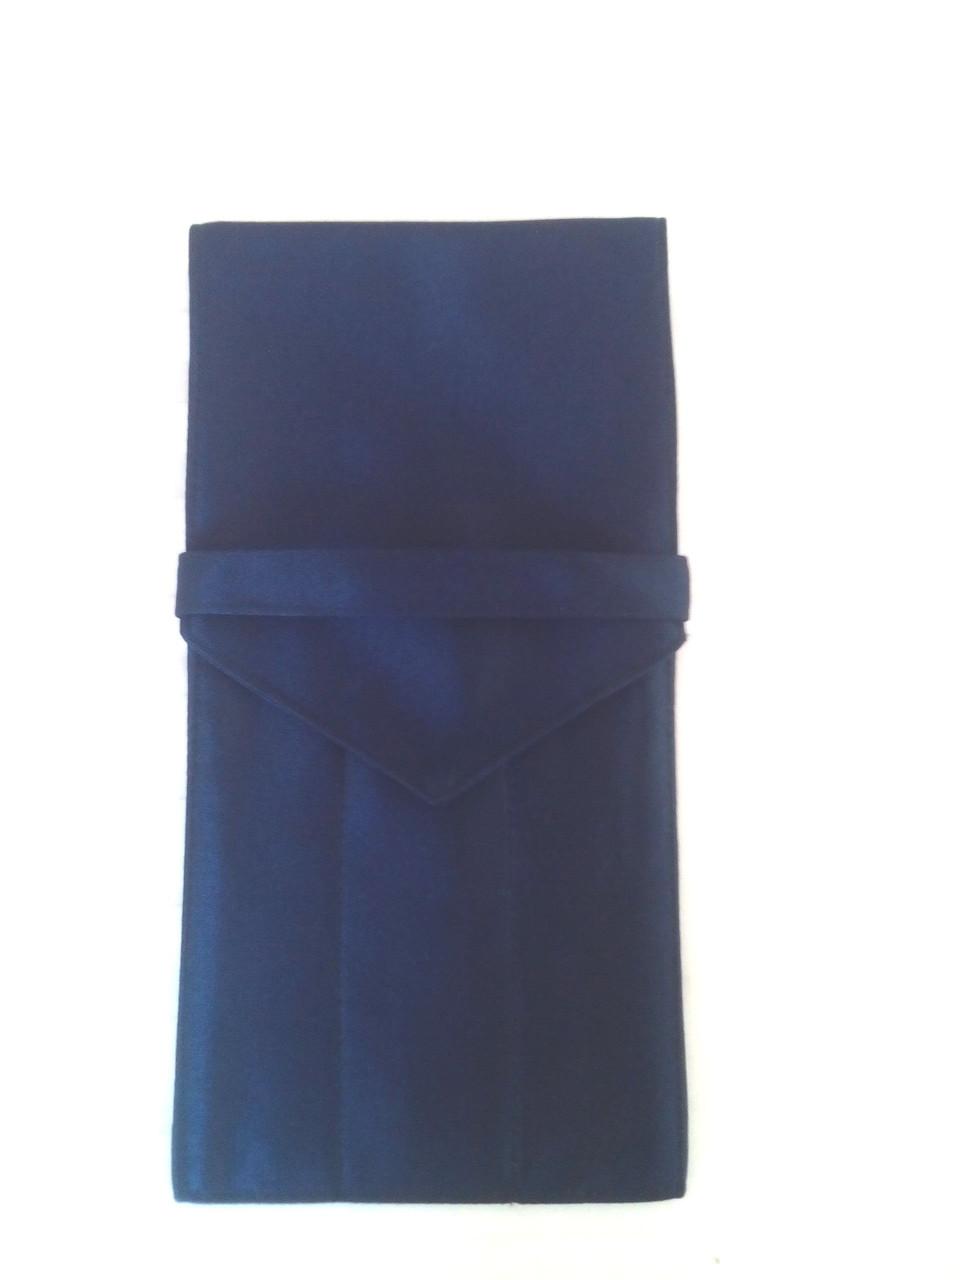 Куверт (конверт) закрытый на 3 прибора,ткань Дукат синий